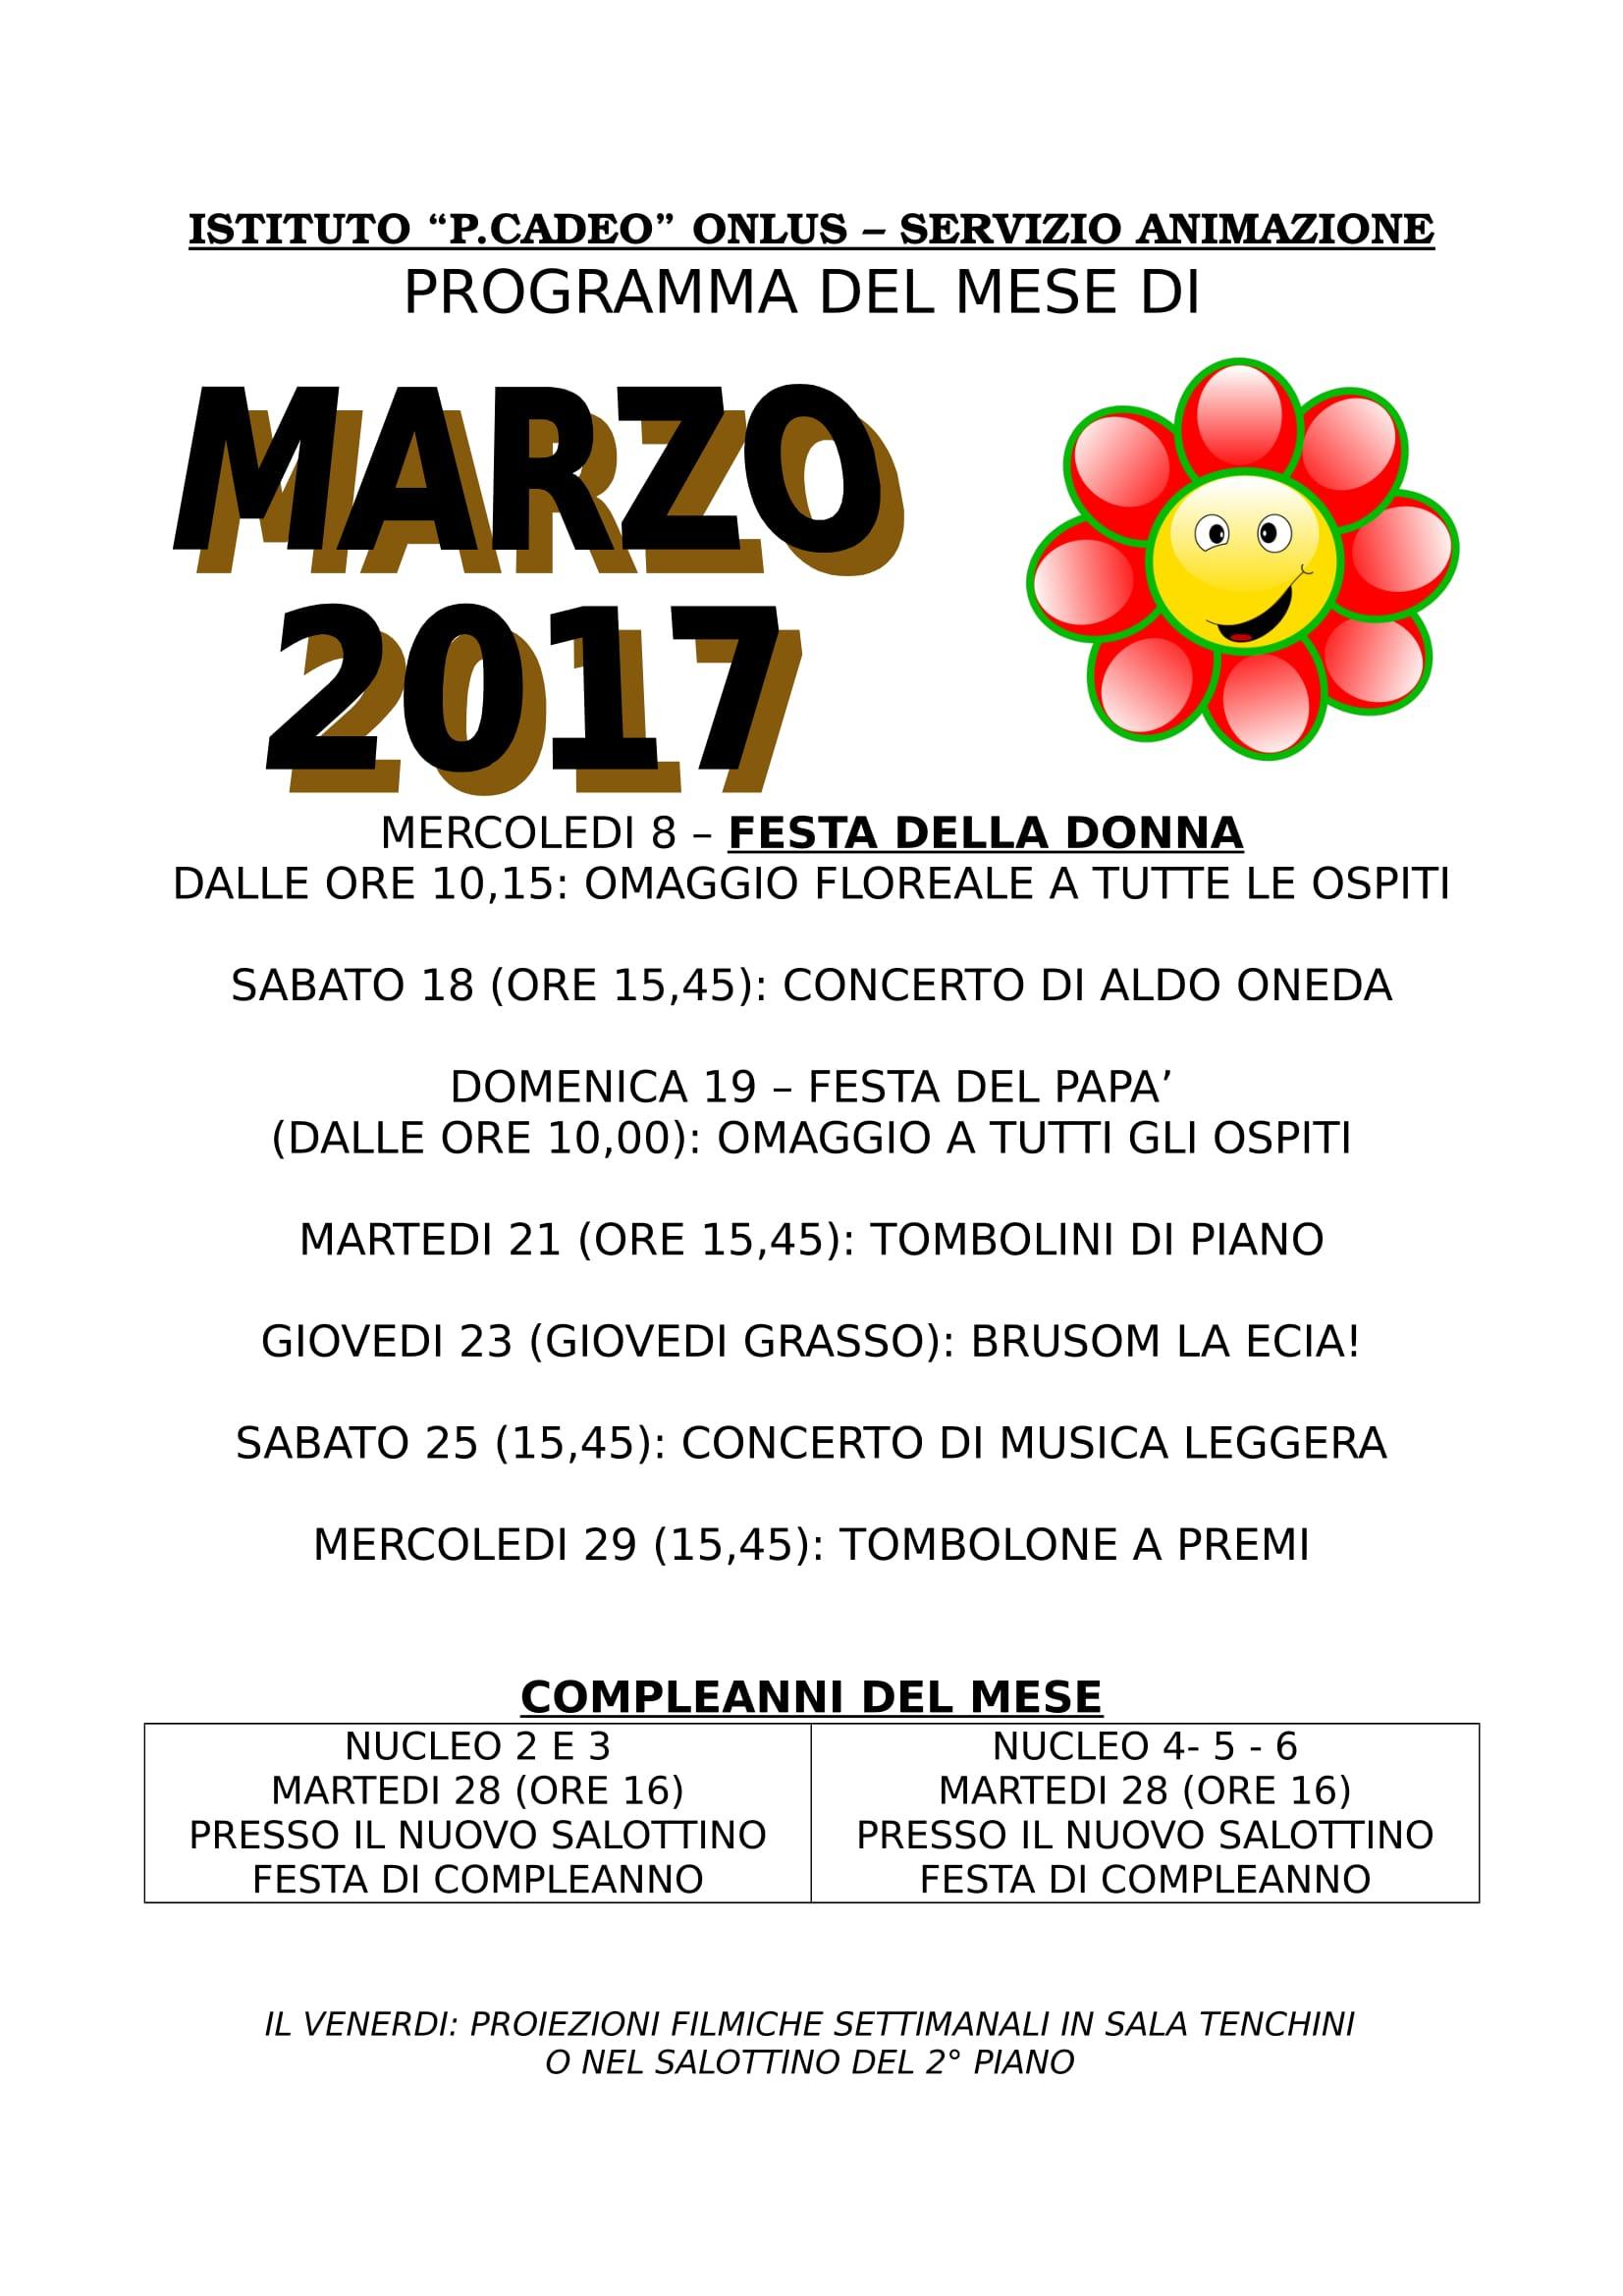 PROGRAMMA MARZO 2017-1